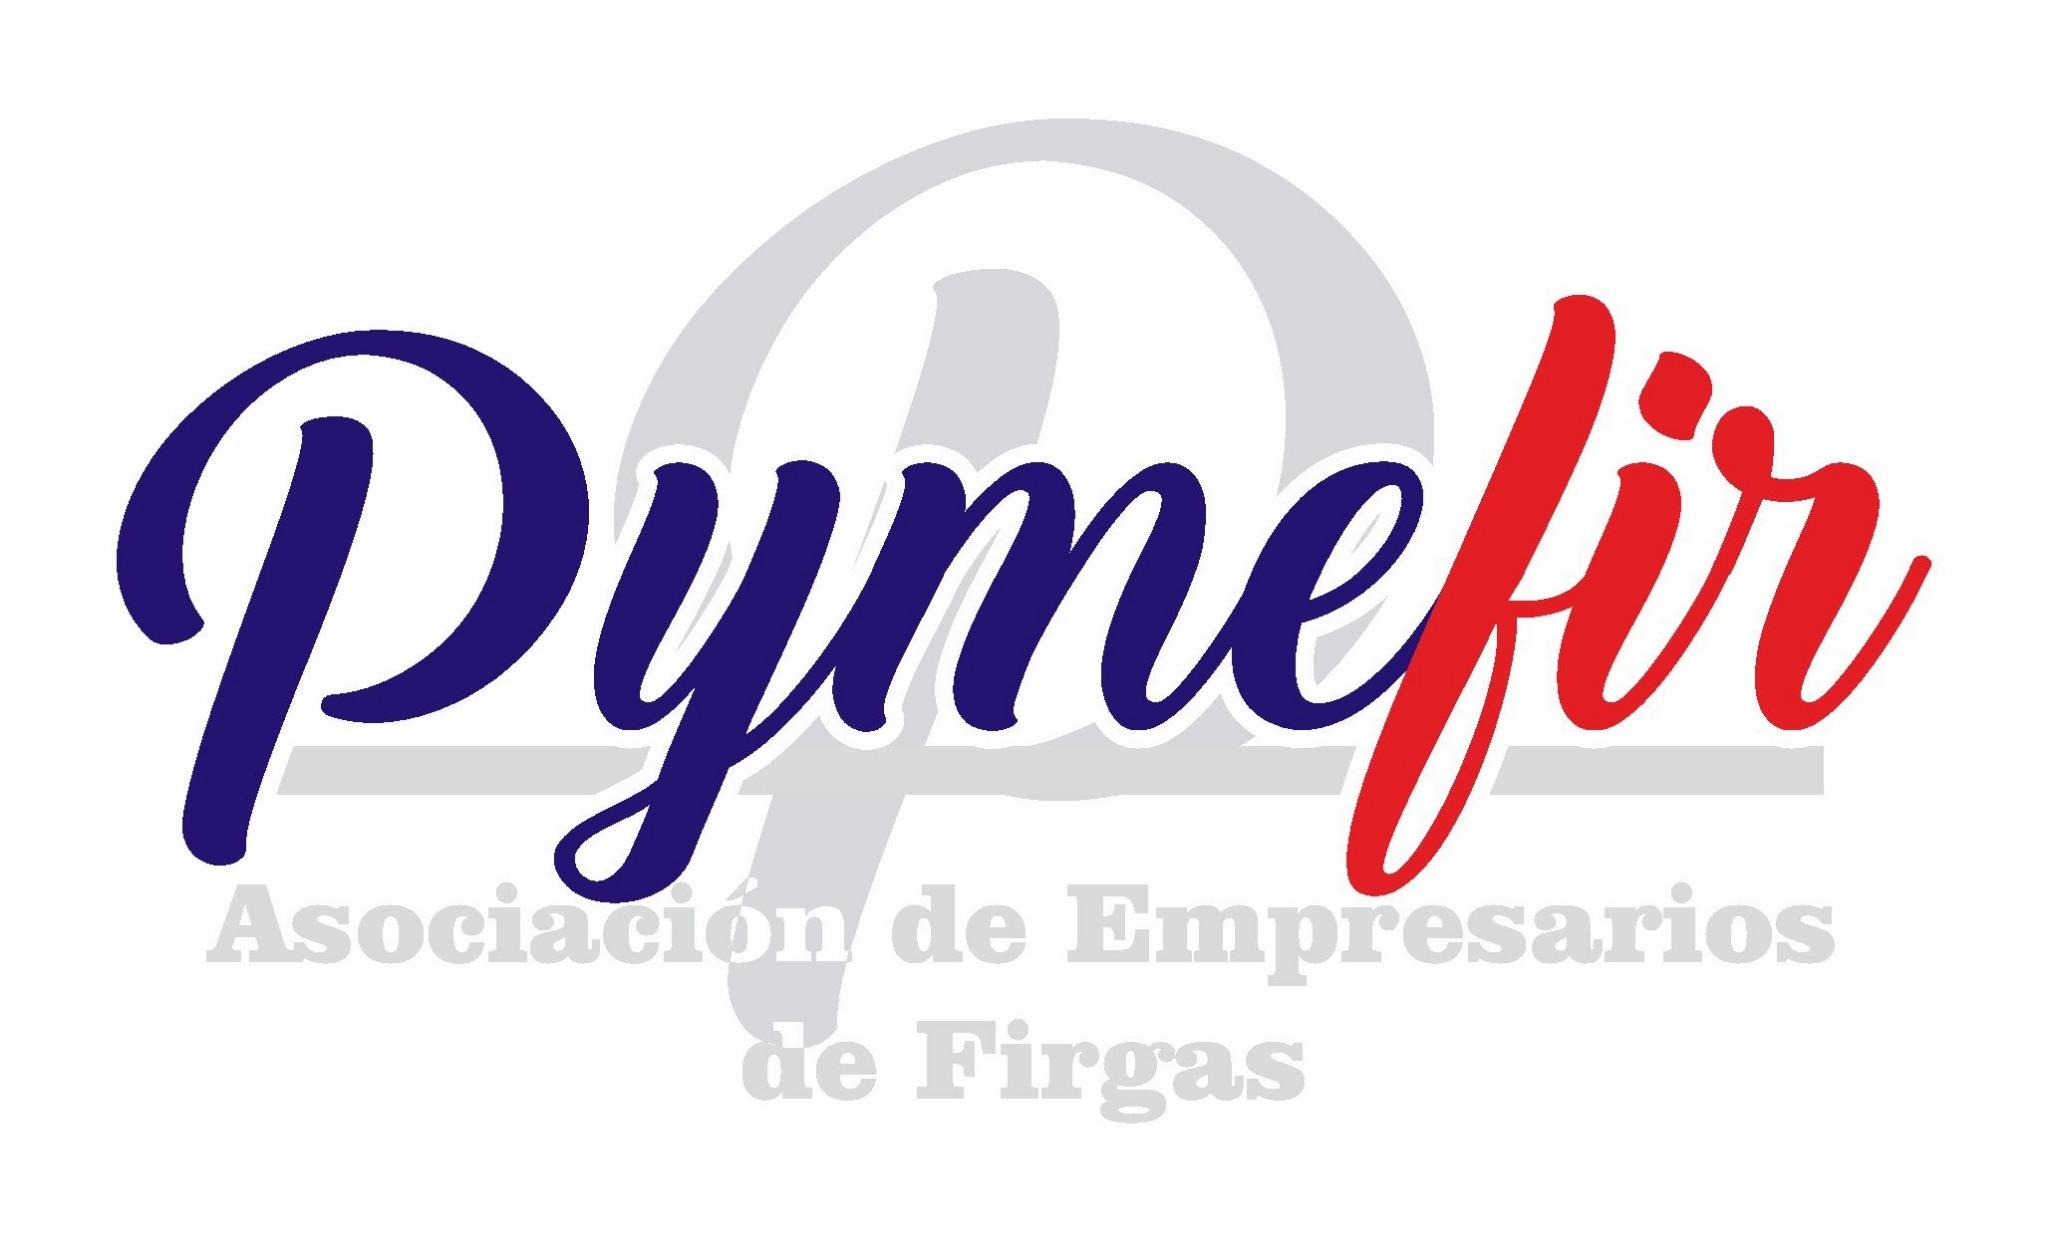 logo-pymefir